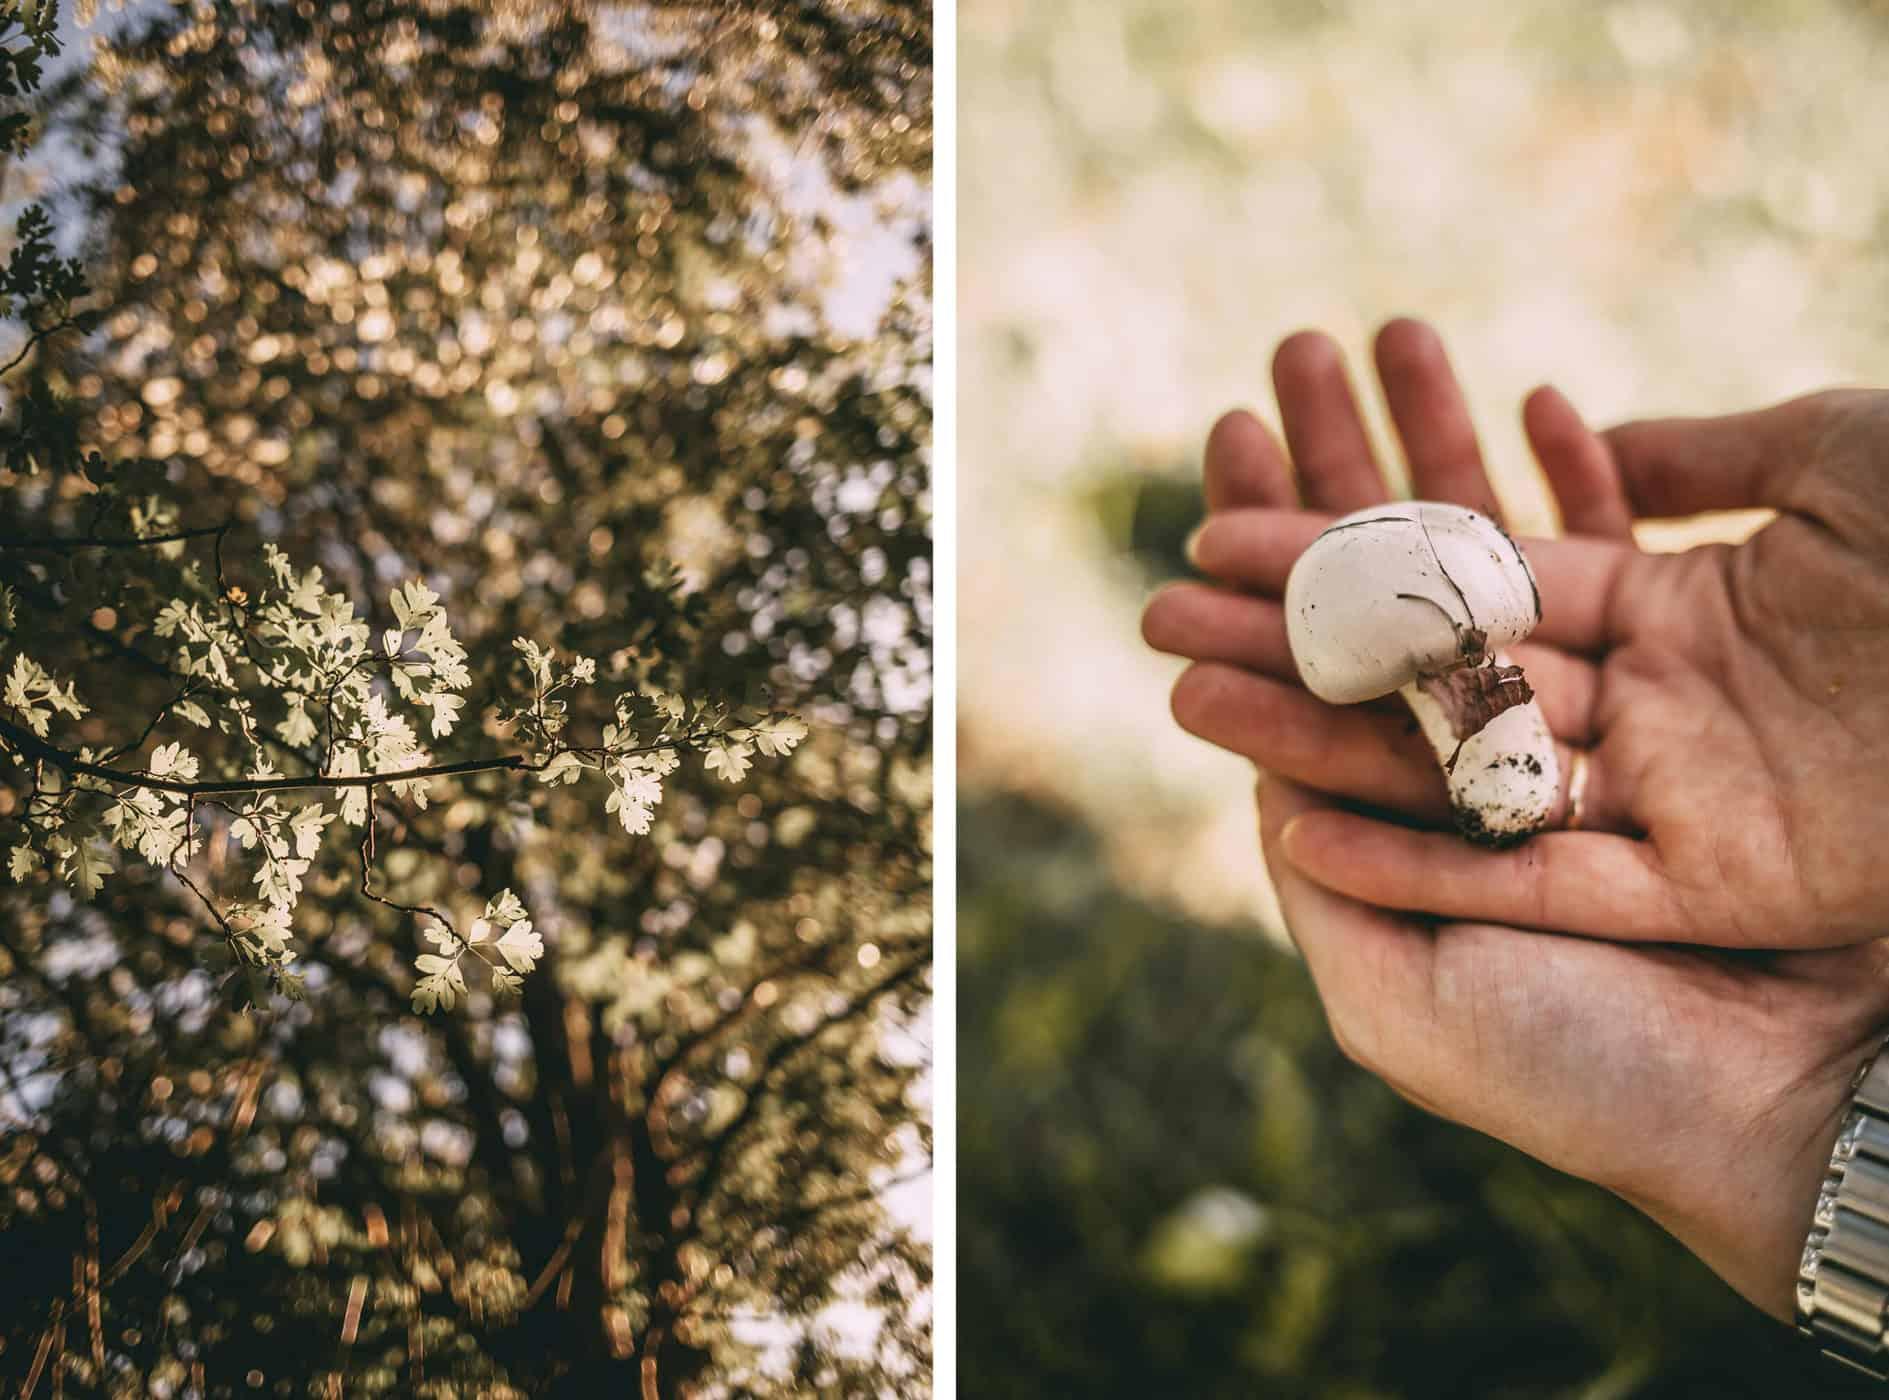 Blätter und Pilz Nahaufnahmen